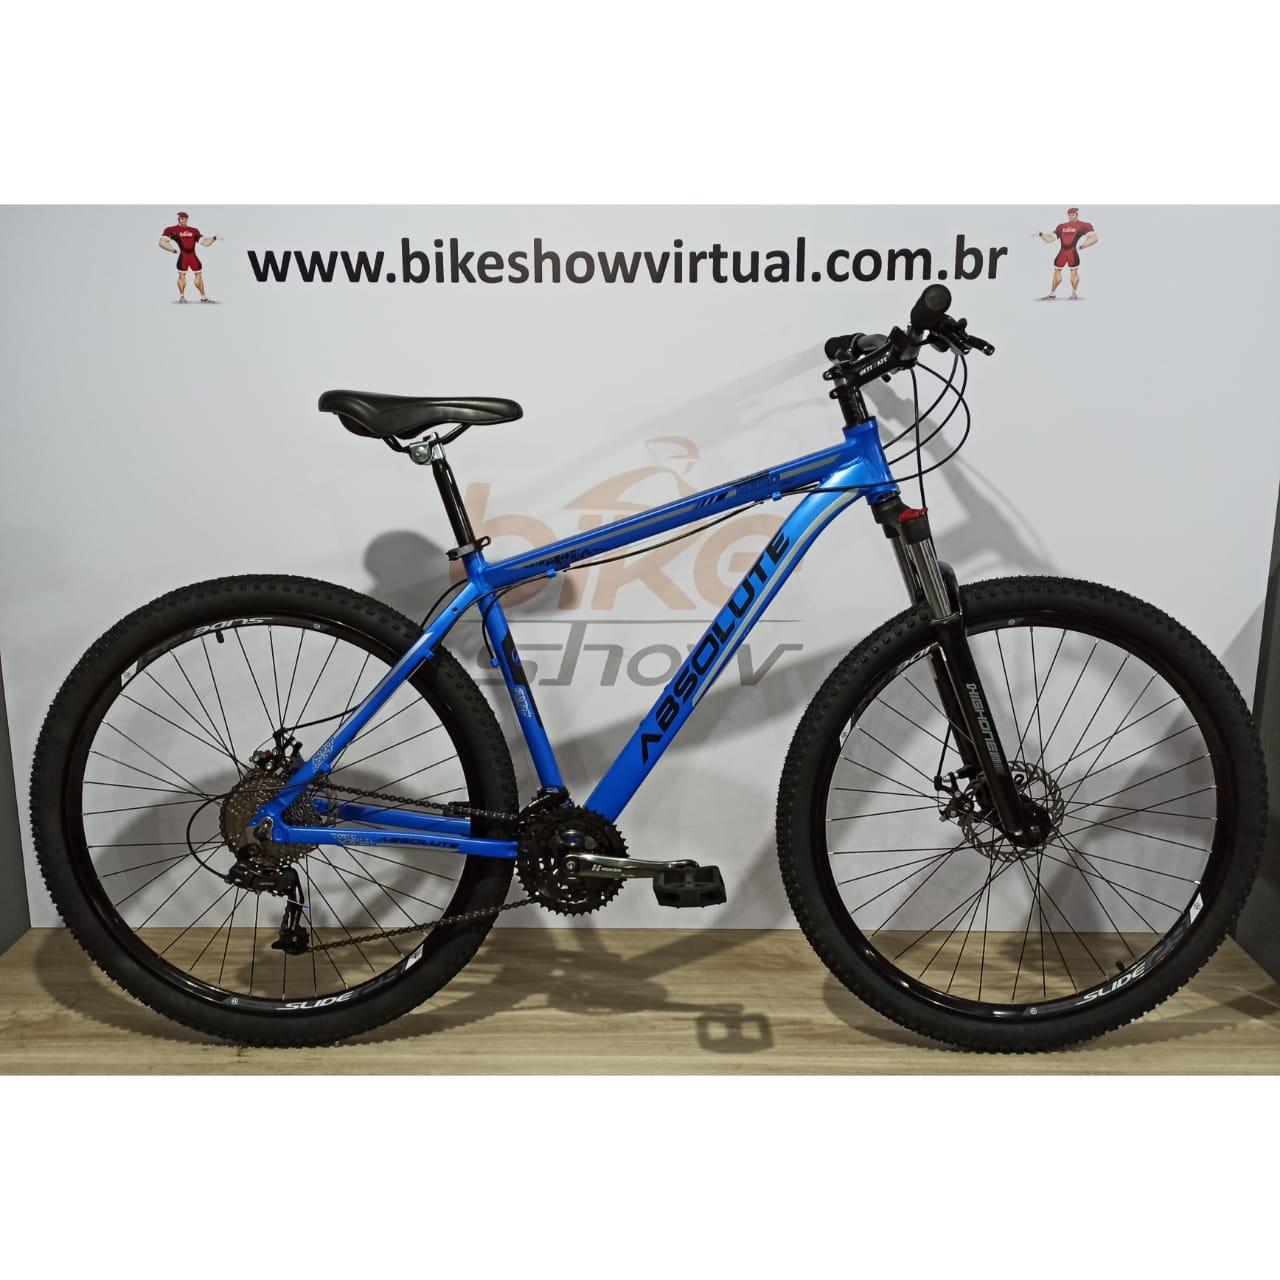 Bicicleta ABSOLUTE Nero aro 29 - 24v GTA - Freio GTA Mecânico - Suspensão HIgh One c/ Trava no ombro